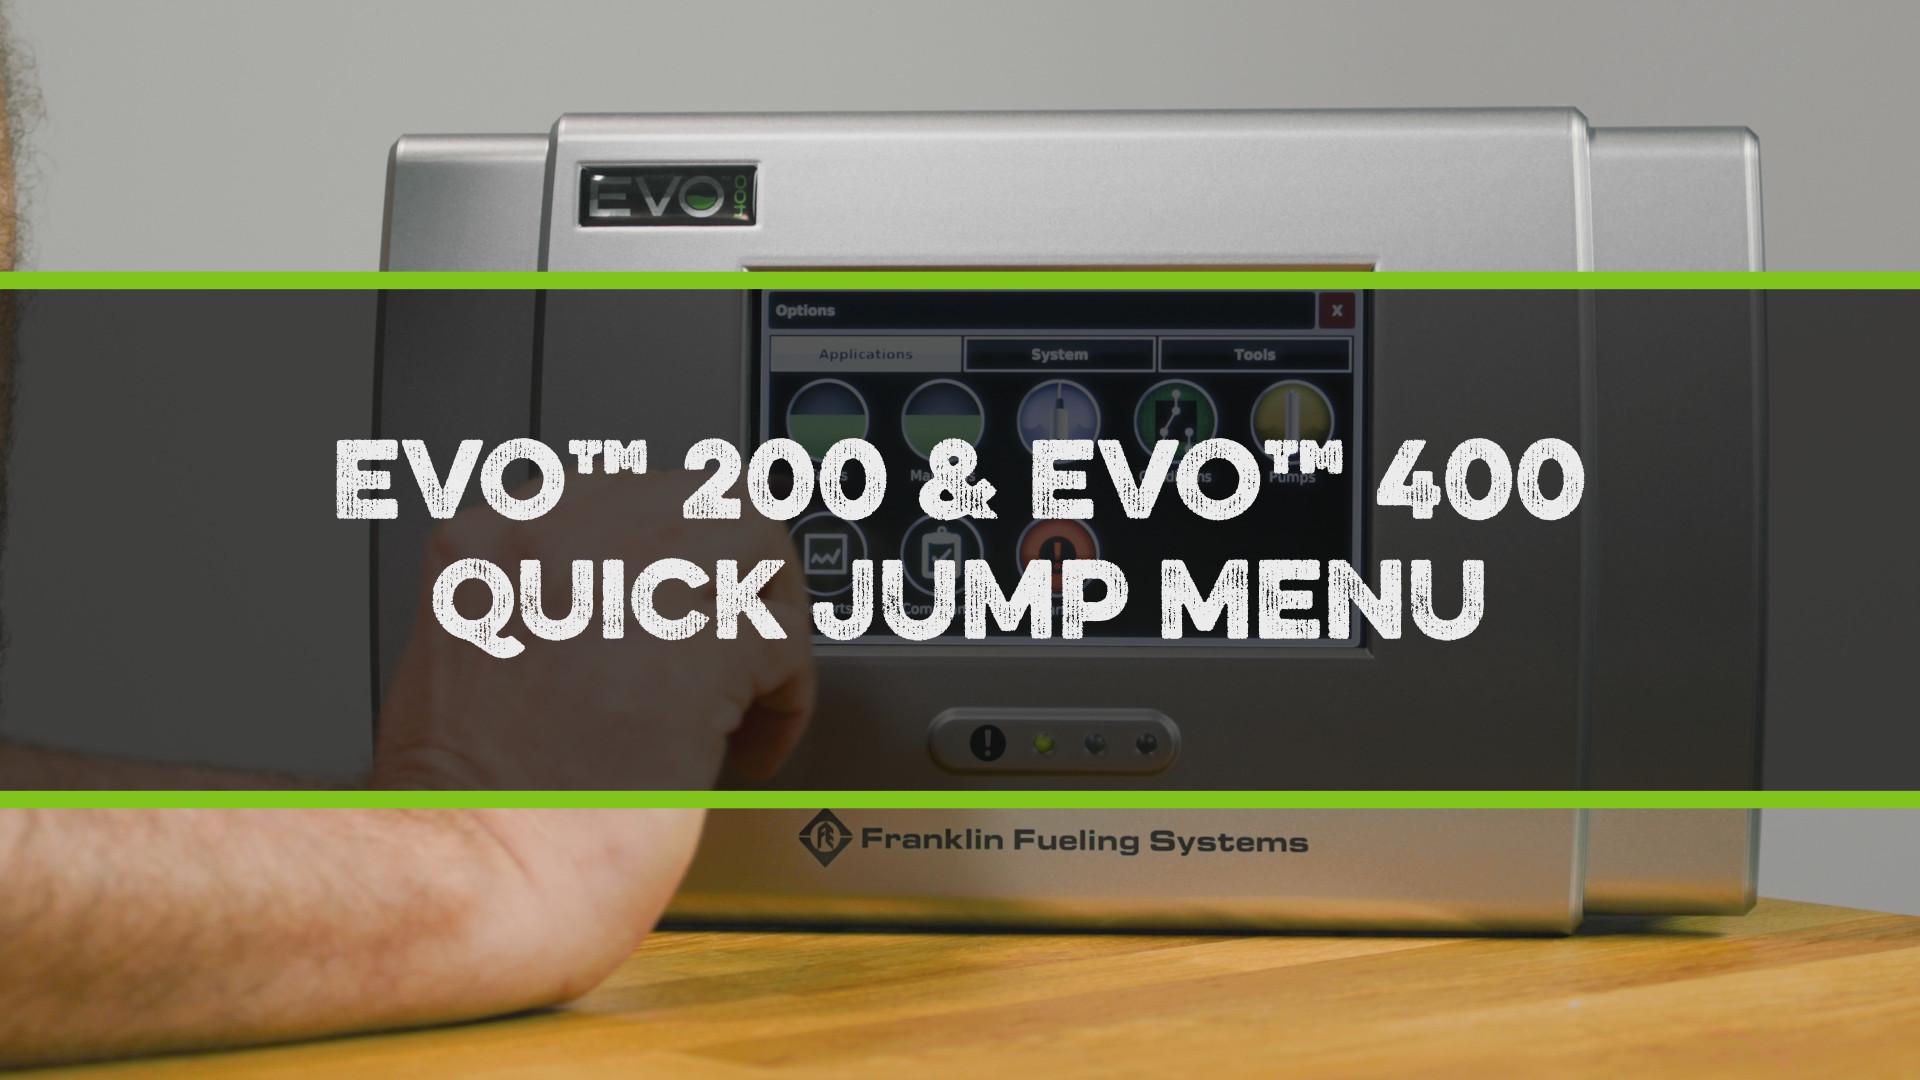 FFS Pro EVO 200-400 Quick Jump Menu Video